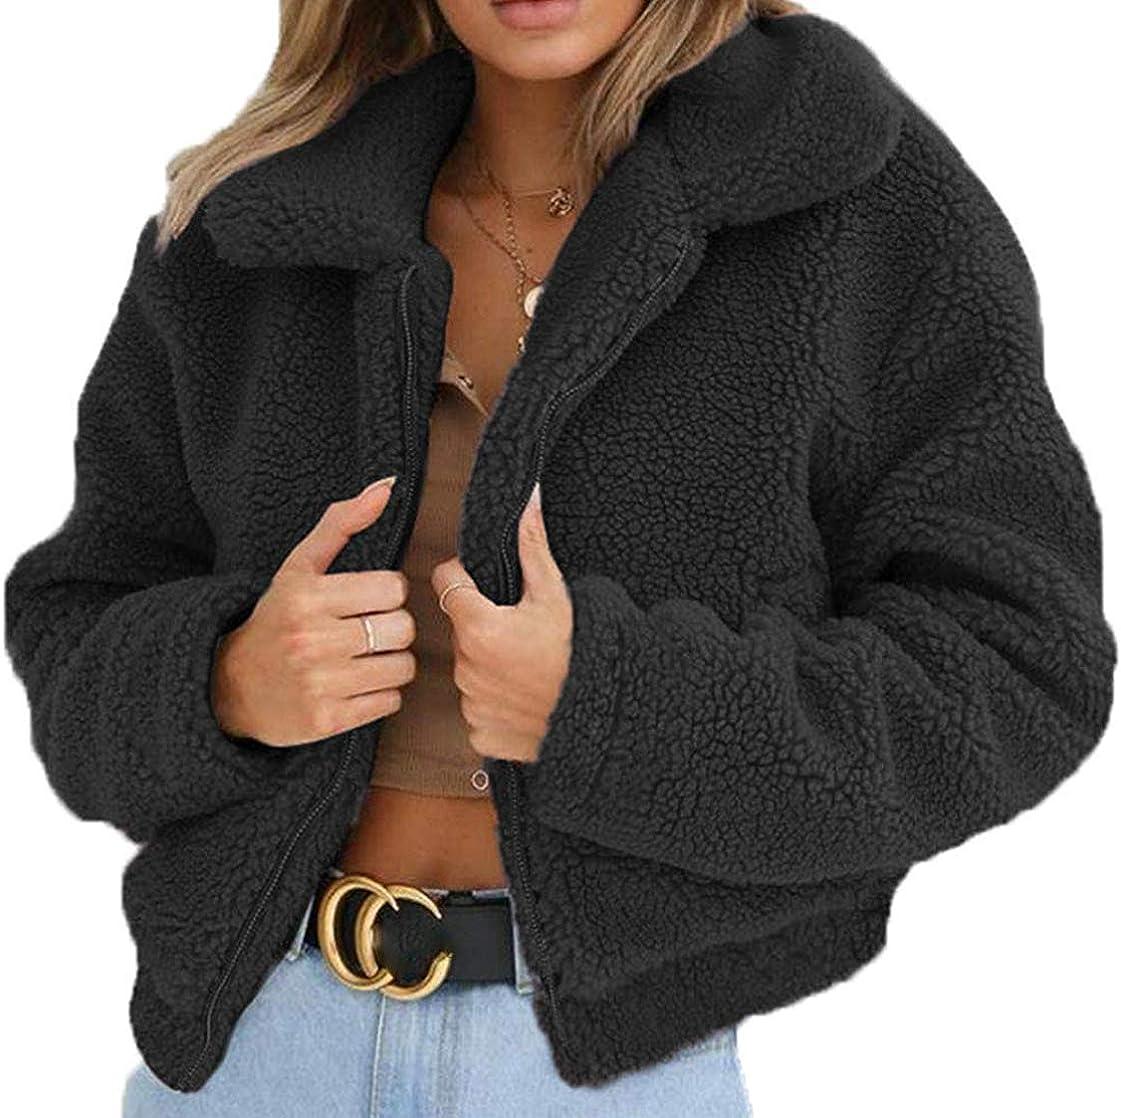 N //A Fluffy Women Coats Faux Wool Blend Warm Winter Lapel Jacket Zip Up Long Sleeve Short Fashion Outerwear